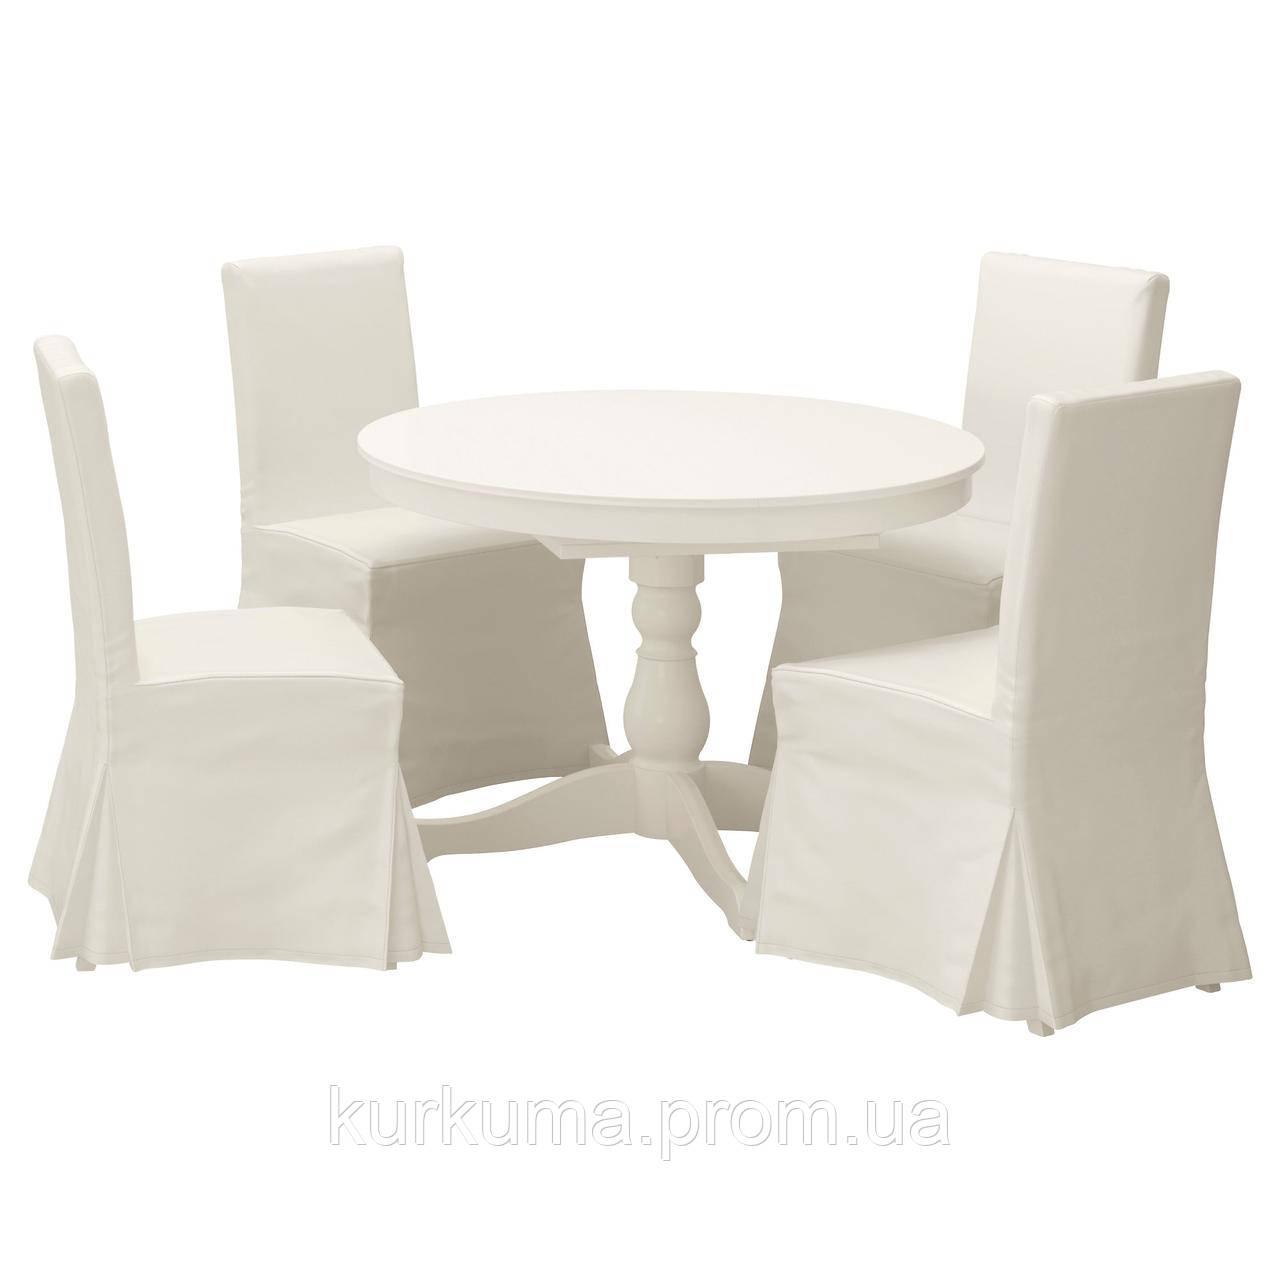 IKEA INGATORP/HENRIKSDAL Стол и 4 стула, белый, Блекинге белый  (091.615.69)